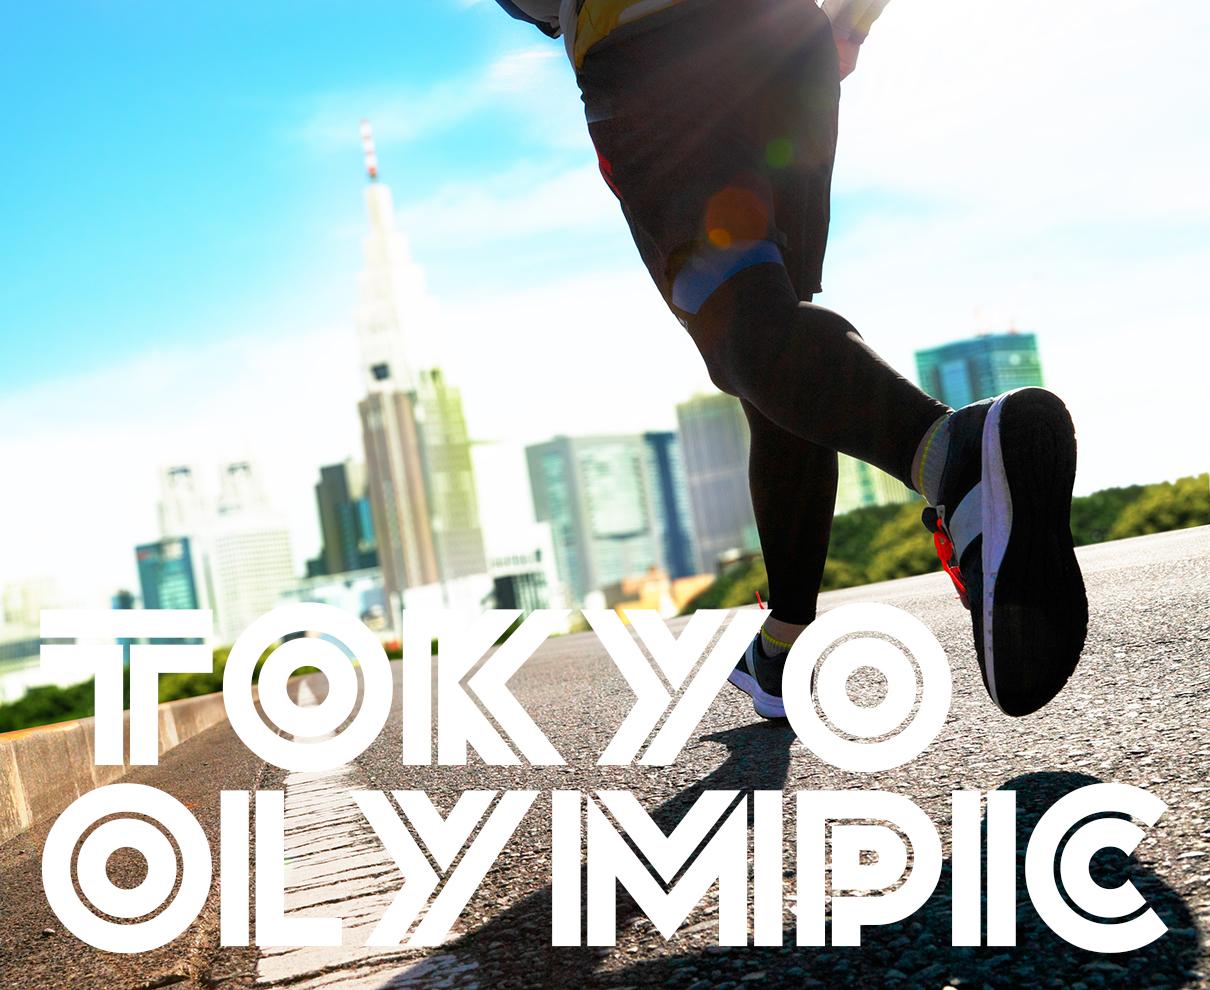 東京五輪聖火リレーが、いよいよ福井にやってくる! 福井県は5/29・30にて実施。